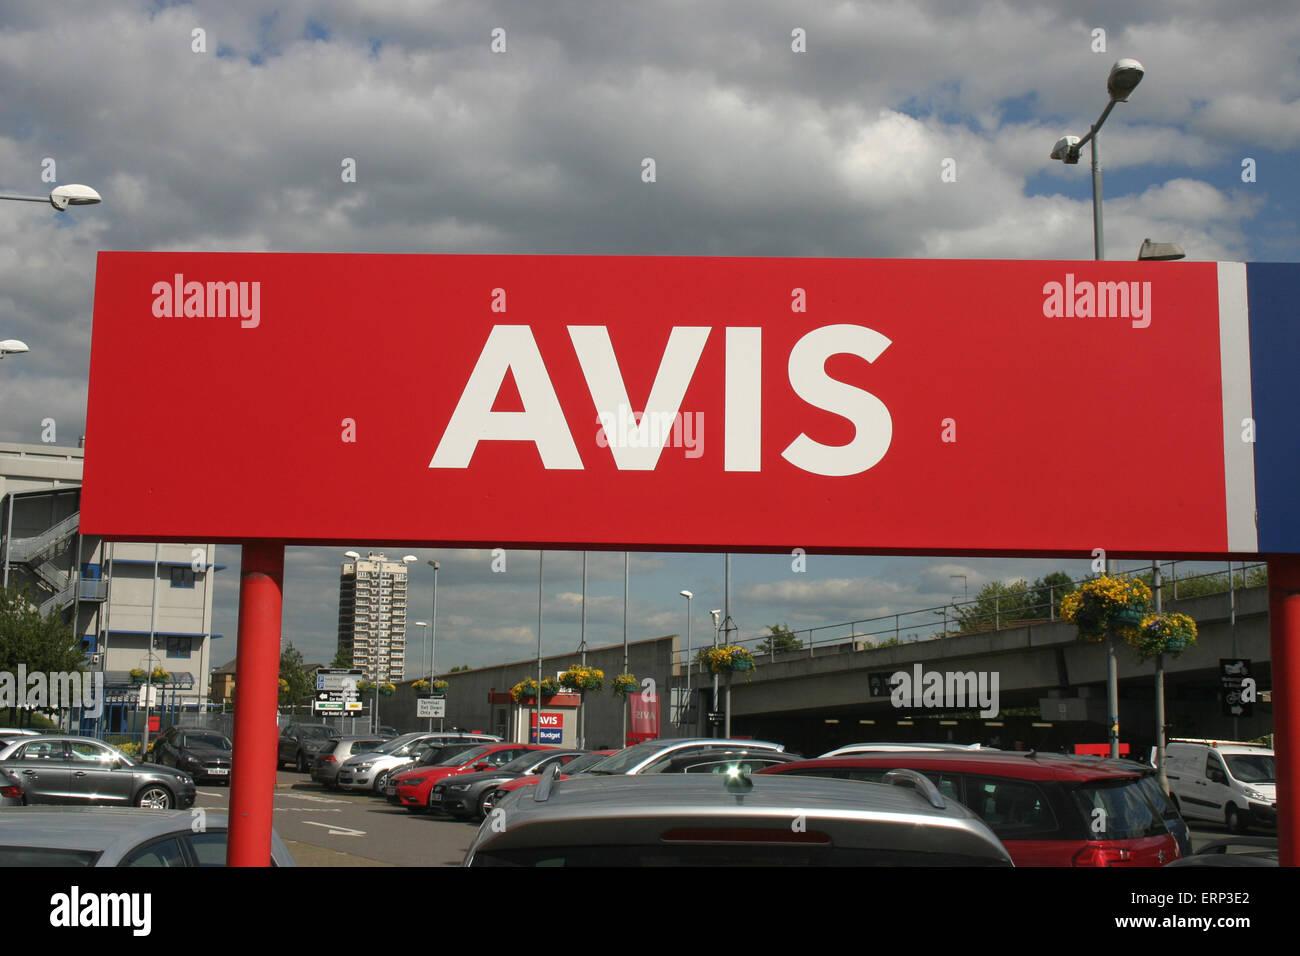 Avis Car Rental York Uk